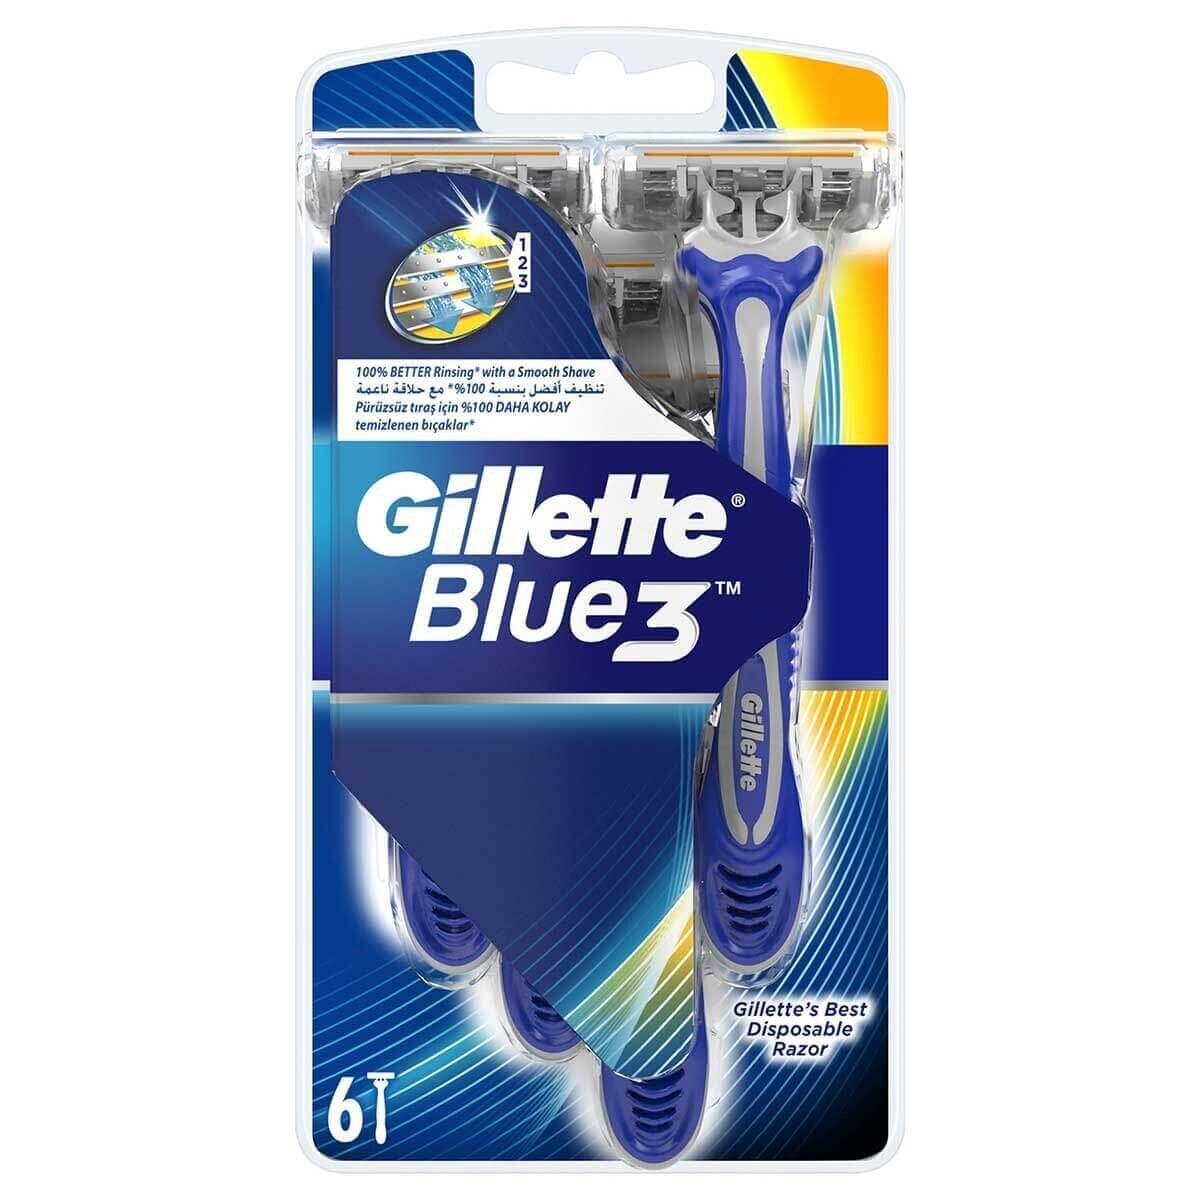 Blue3 Kullan At Tıraş Bıçağı 6'lı